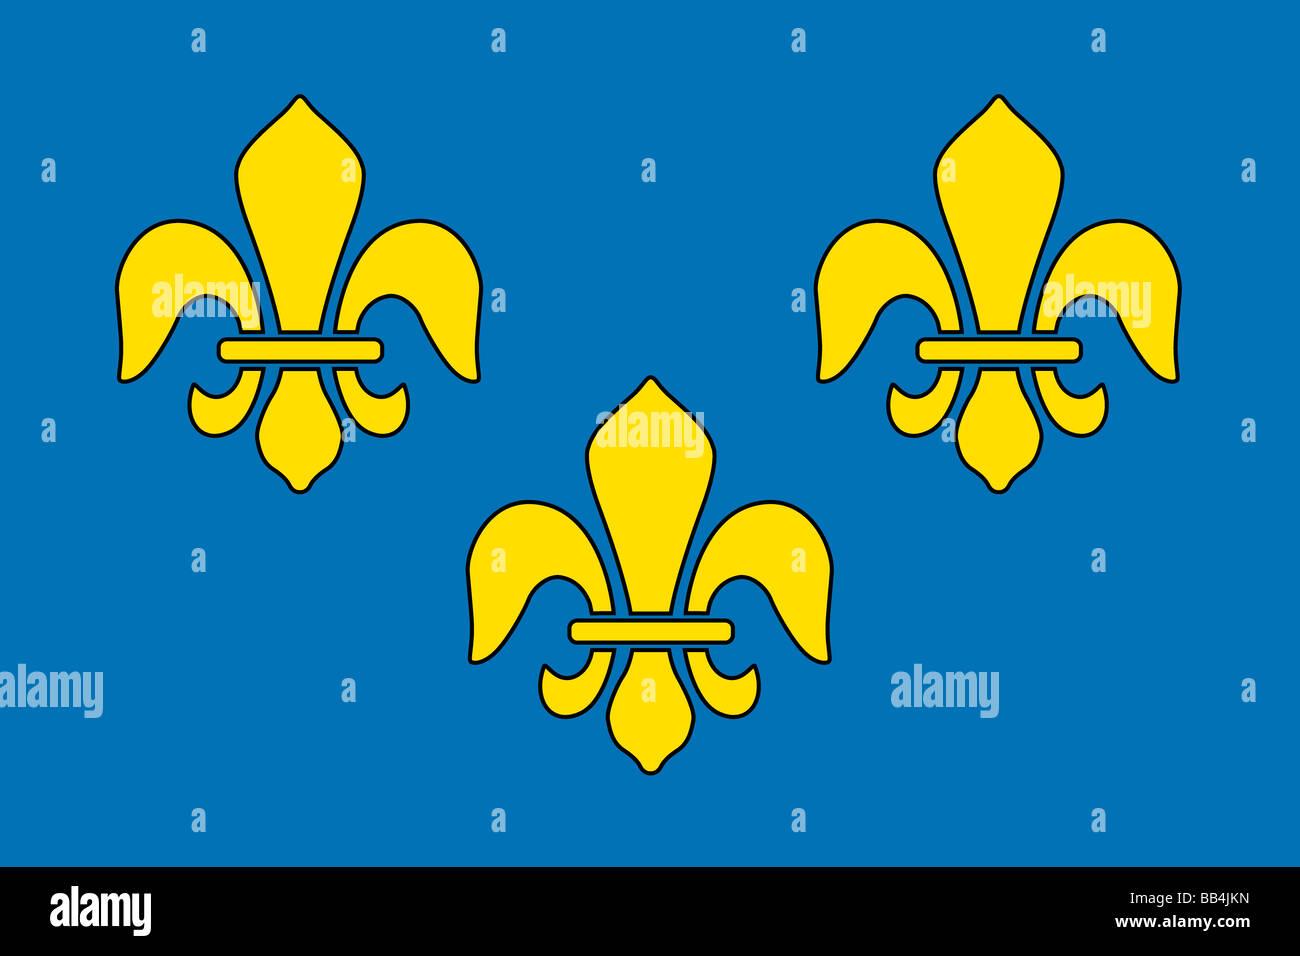 Historische Flagge von Frankreich, ein Land in Europa, etwa 1370 bis 1600. Stockbild